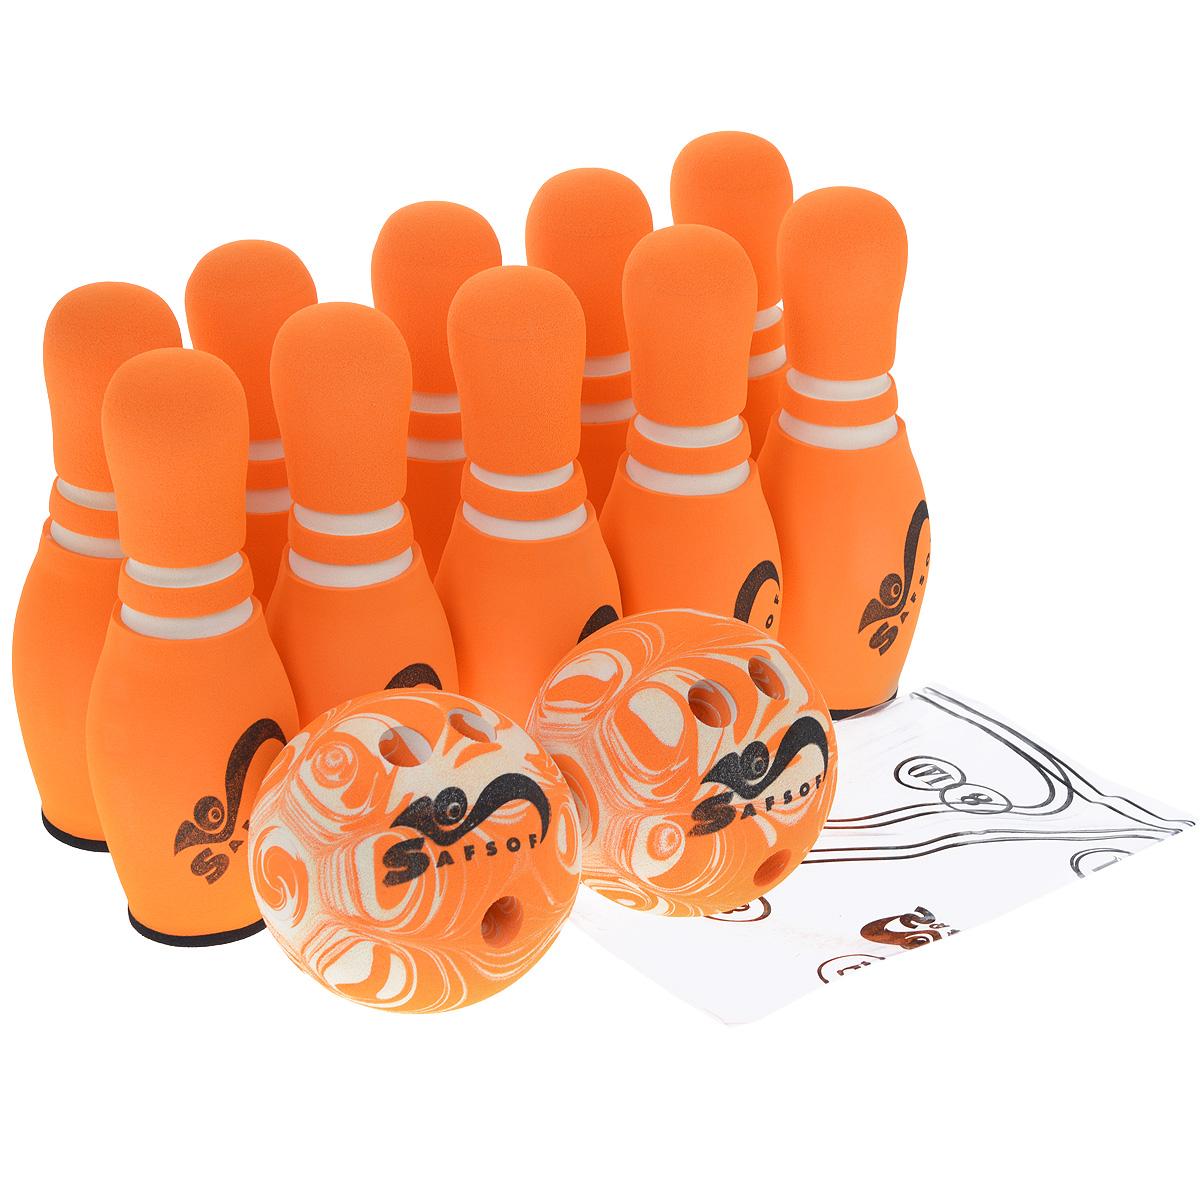 Игровой набор Safsof  Боулинг , цвет: белый, оранжевый, диаметр шара 14 см - Игры на открытом воздухе